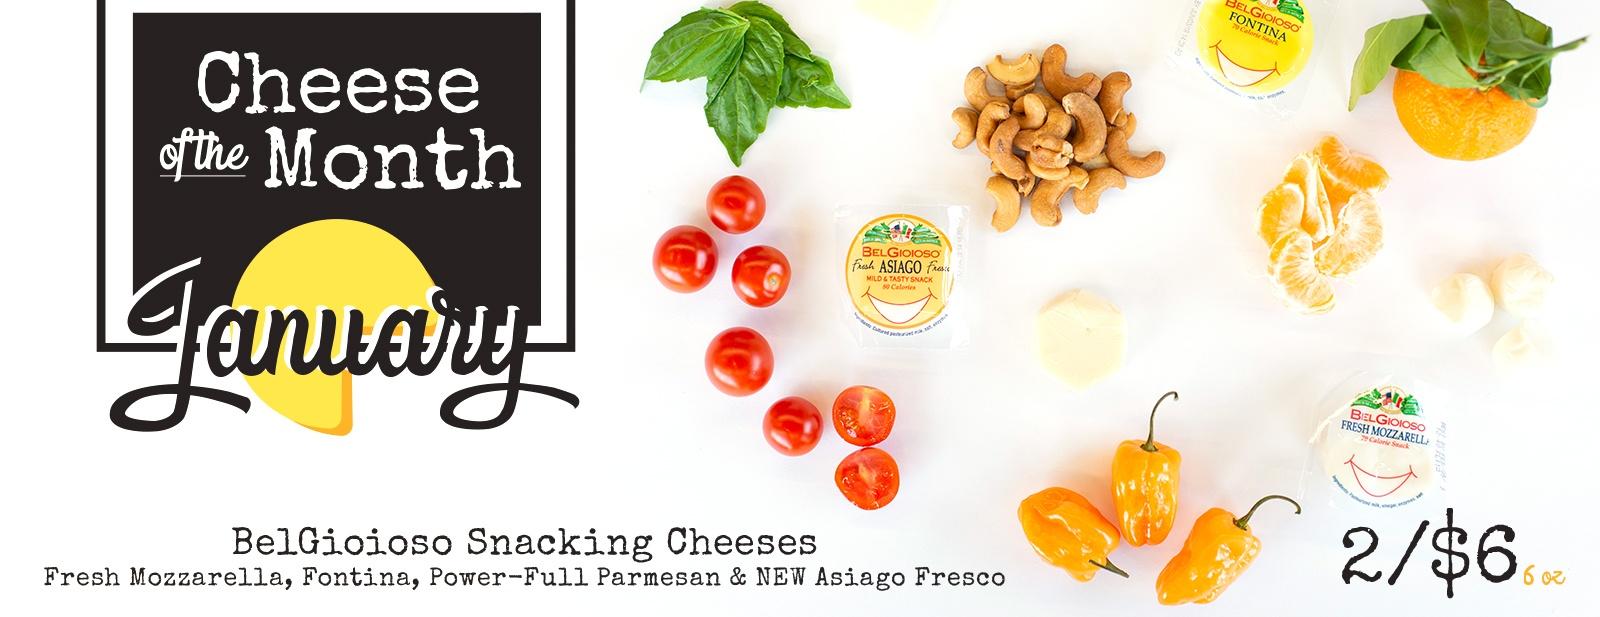 BelGioioso Snacking Cheese 2/$6 6 oz